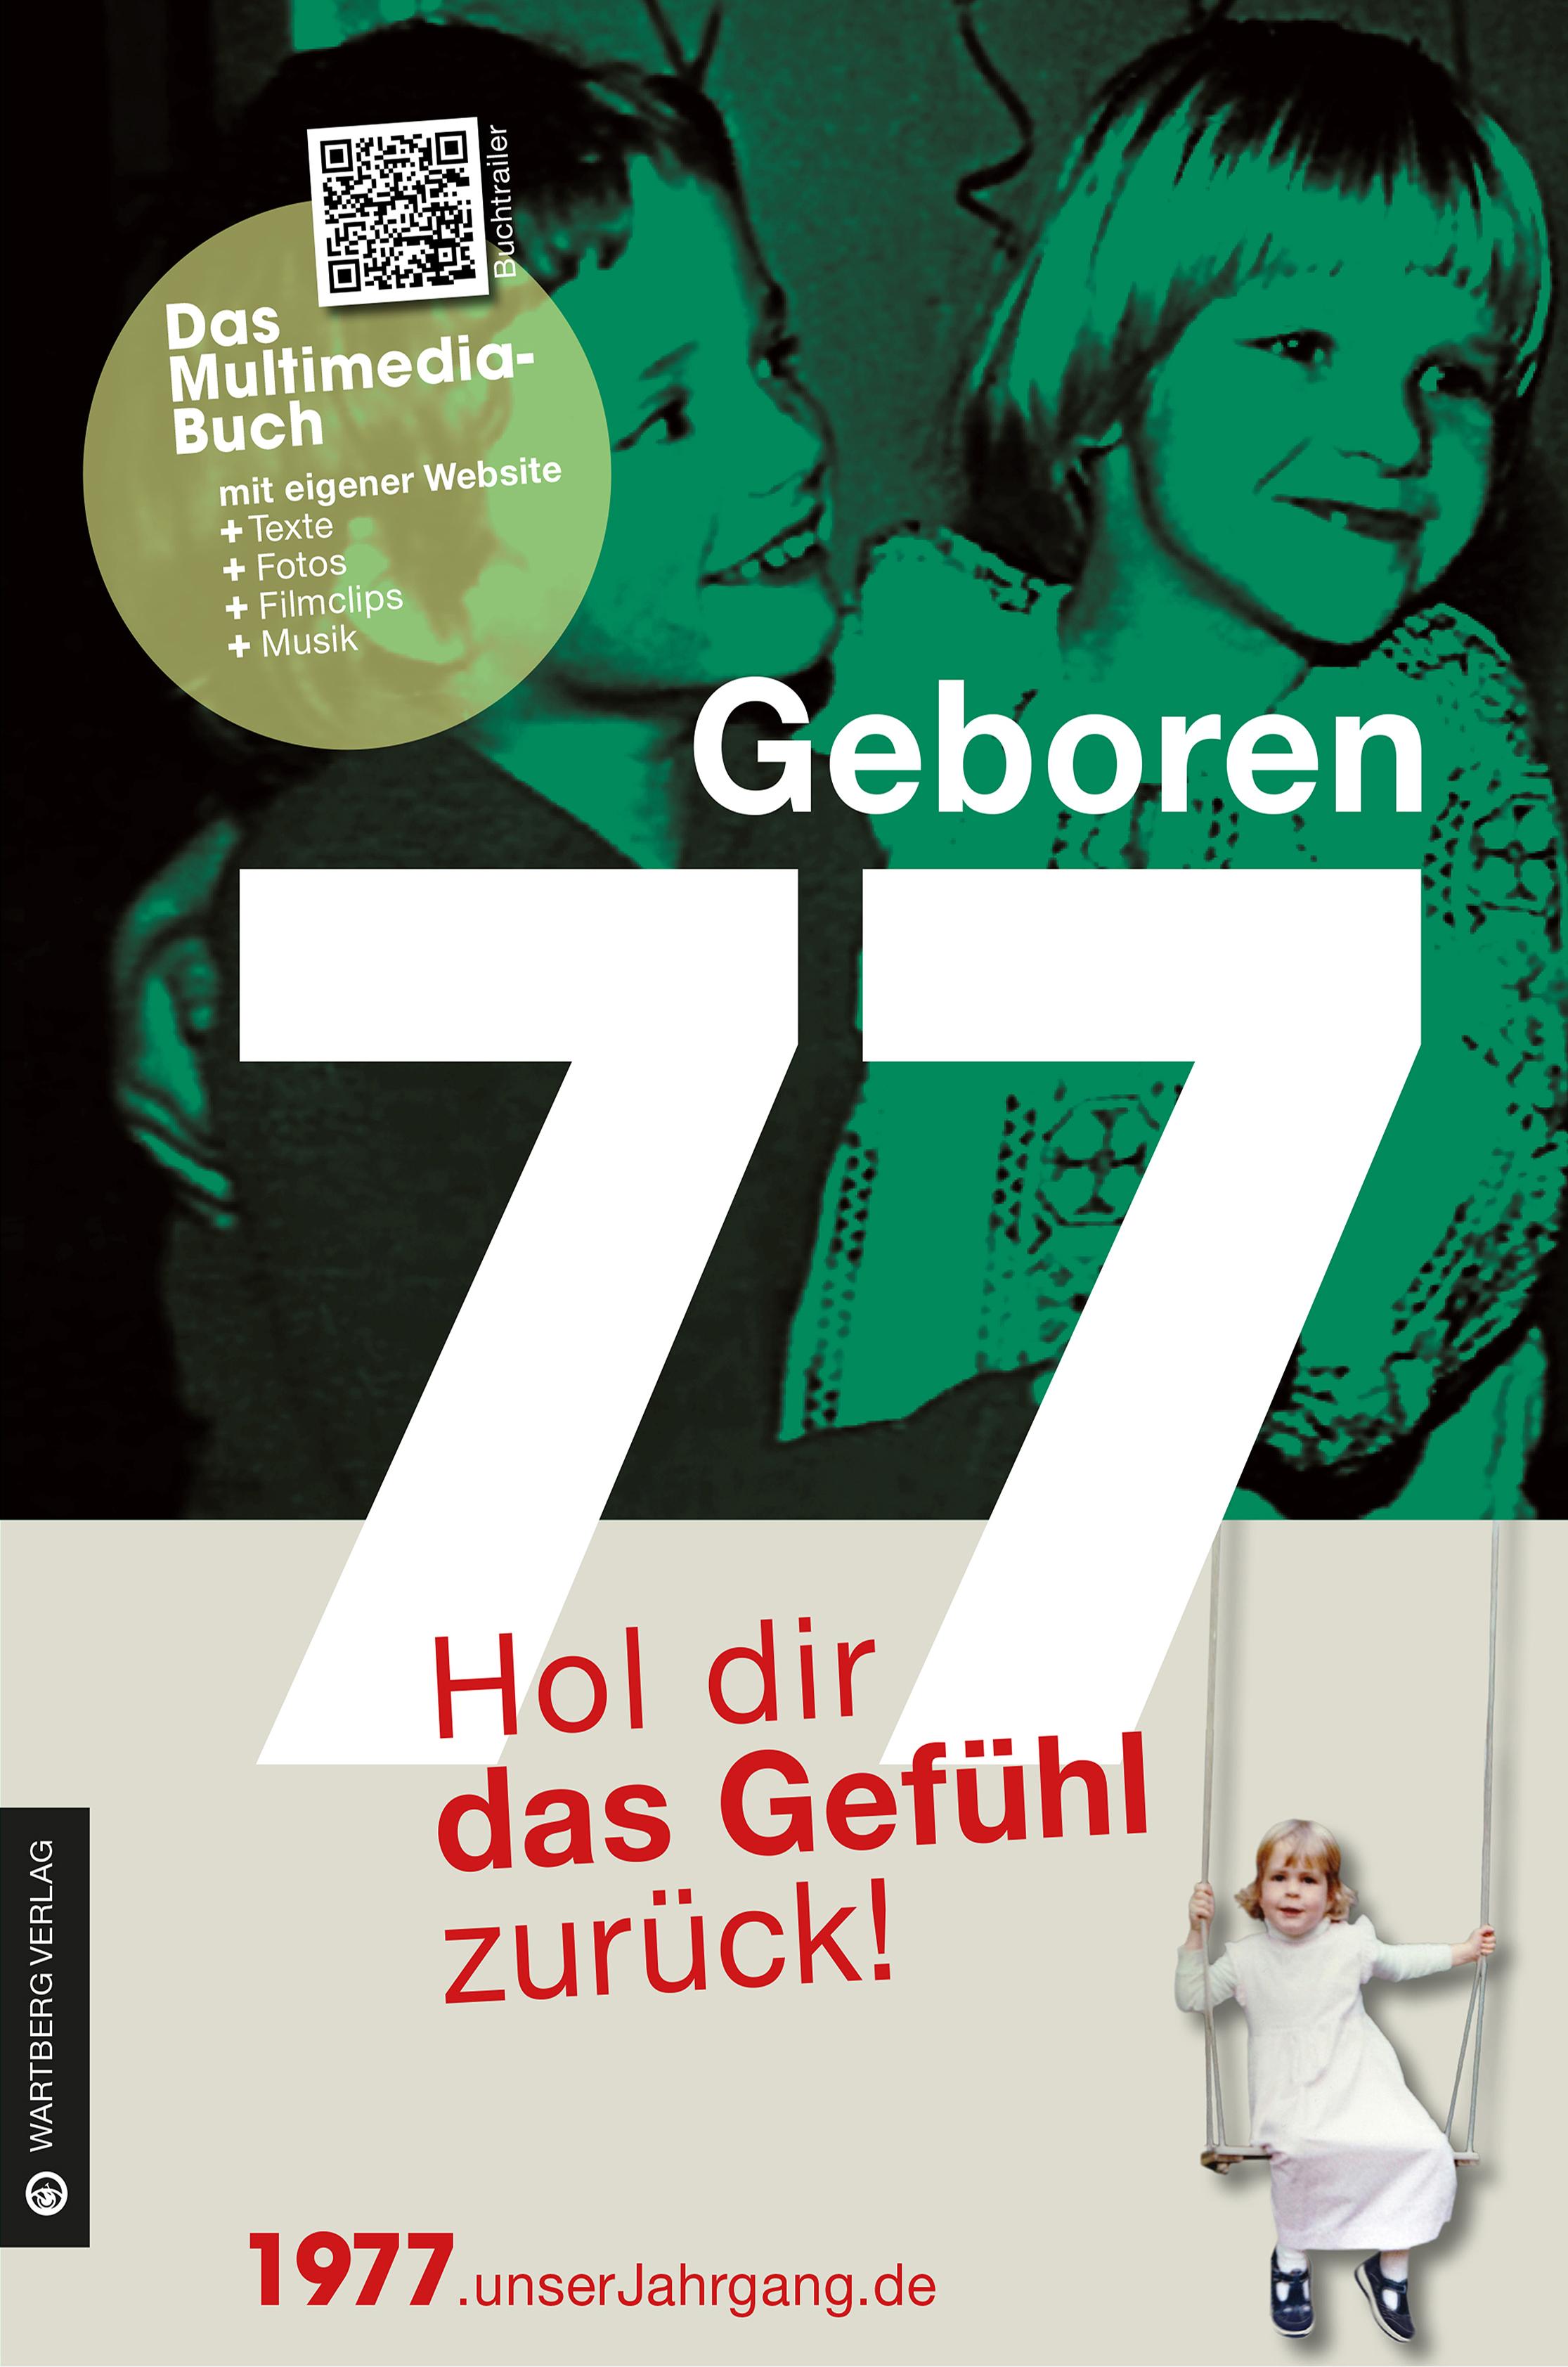 Katrin-Matthes-Geboren-1977-Hol-dir-das-Gefuehl-zurueck-9783831328772